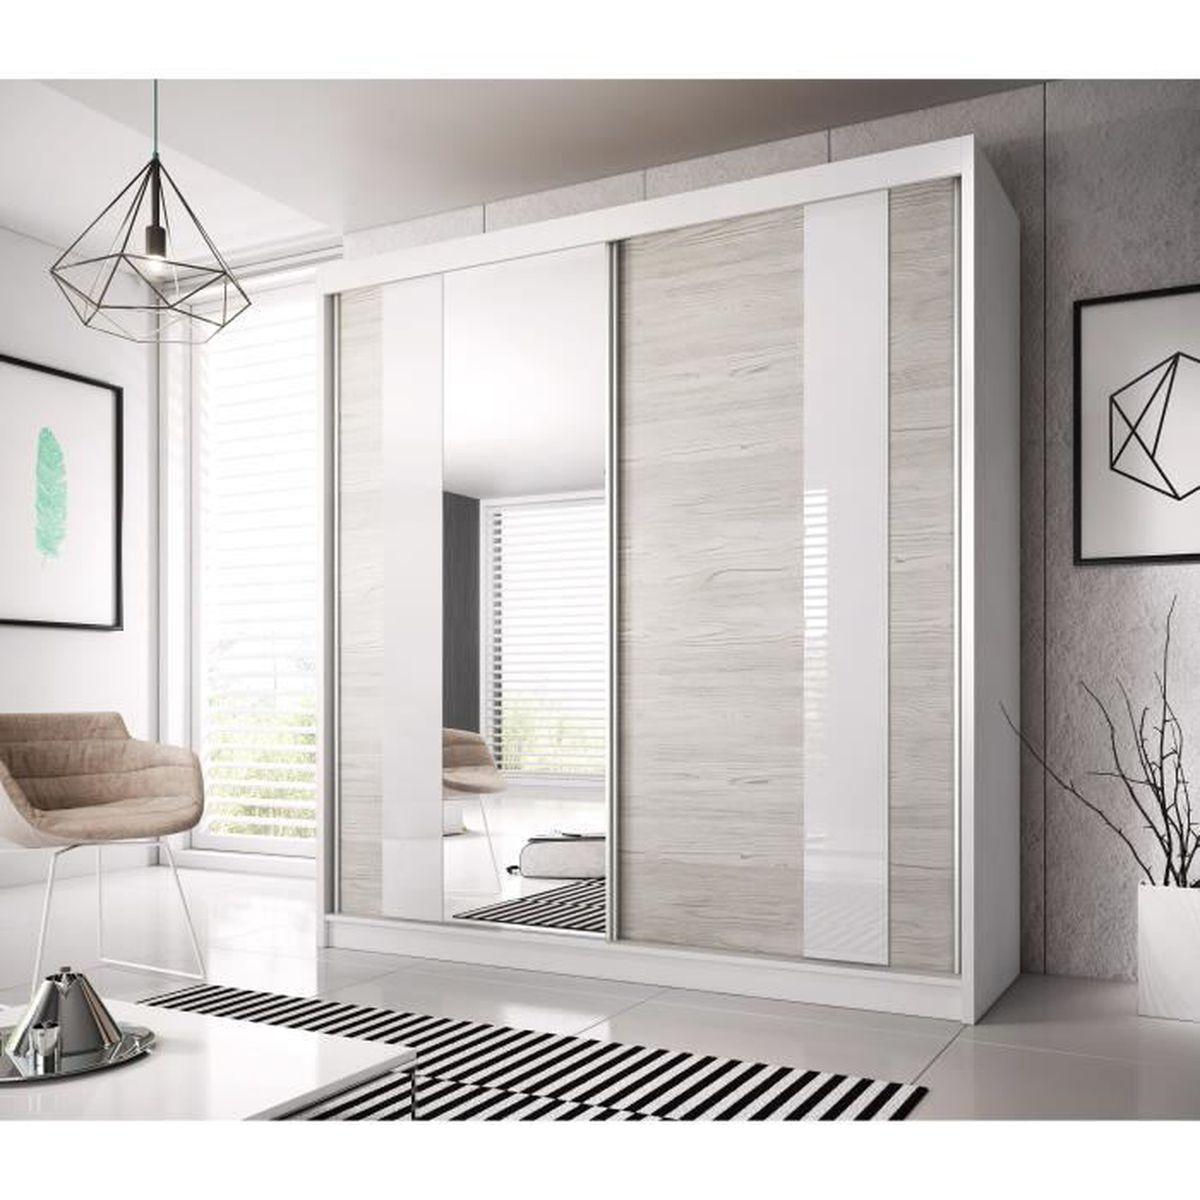 Armoire contemporaine coulissante 2 portes Madison - Achat / Vente ...